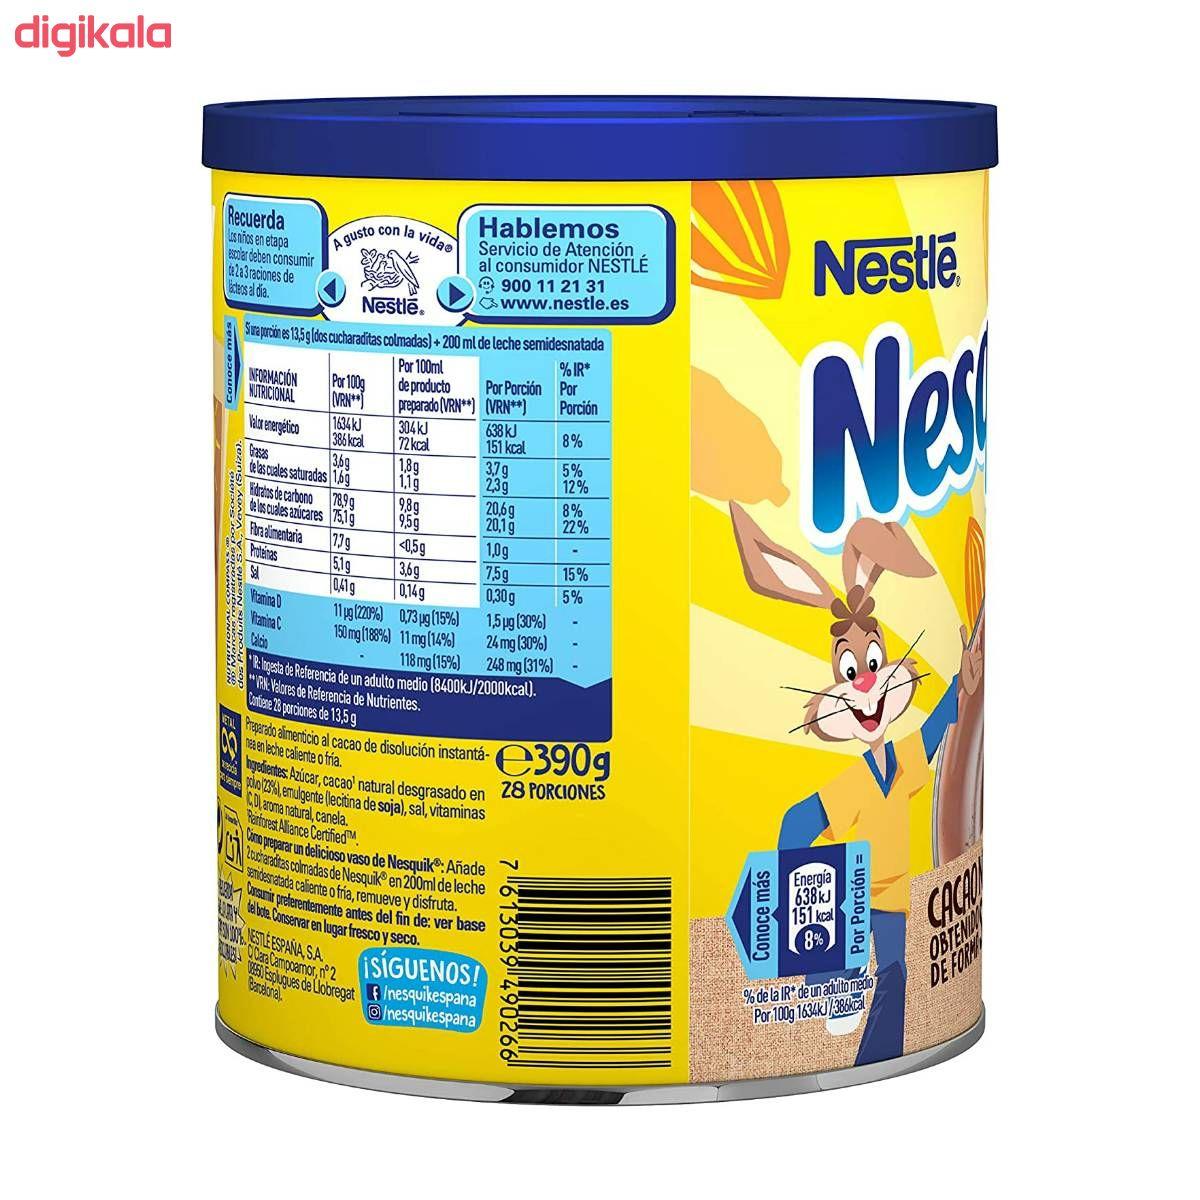 پودر شکلات نسکوئیک نستله - ۳۹۰ گرم main 1 2